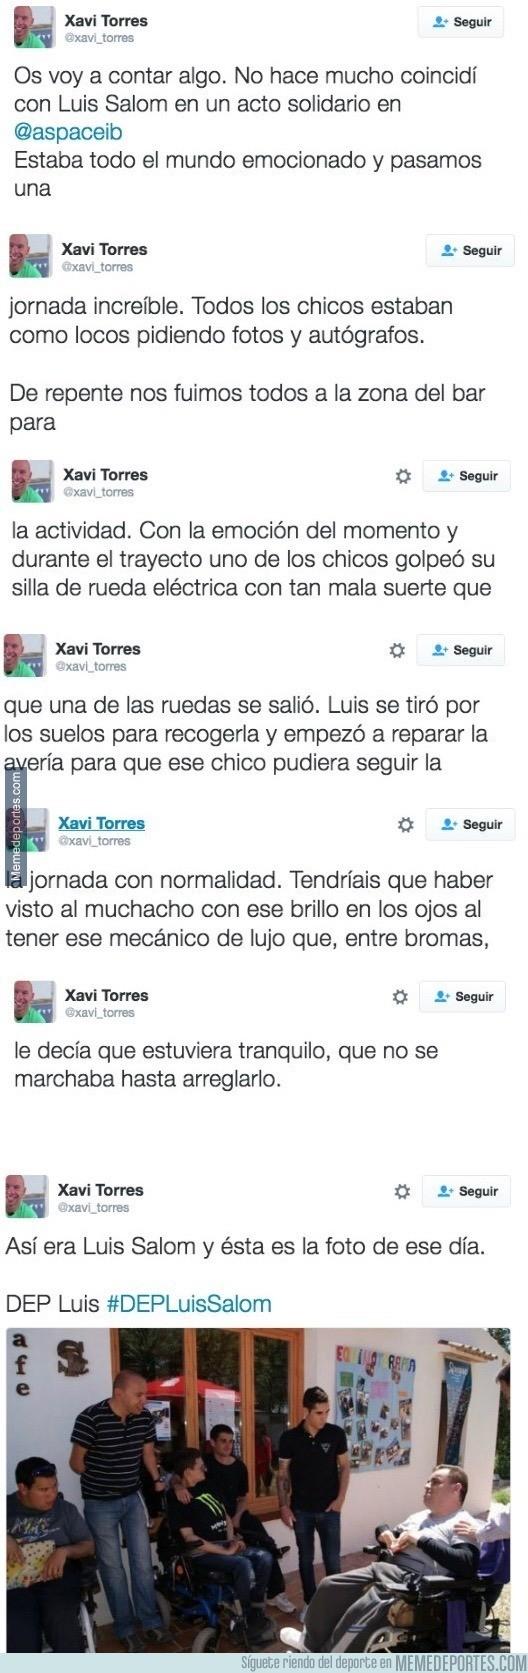 868638 - La bonita historia de Xavi Torres y Luis Salom